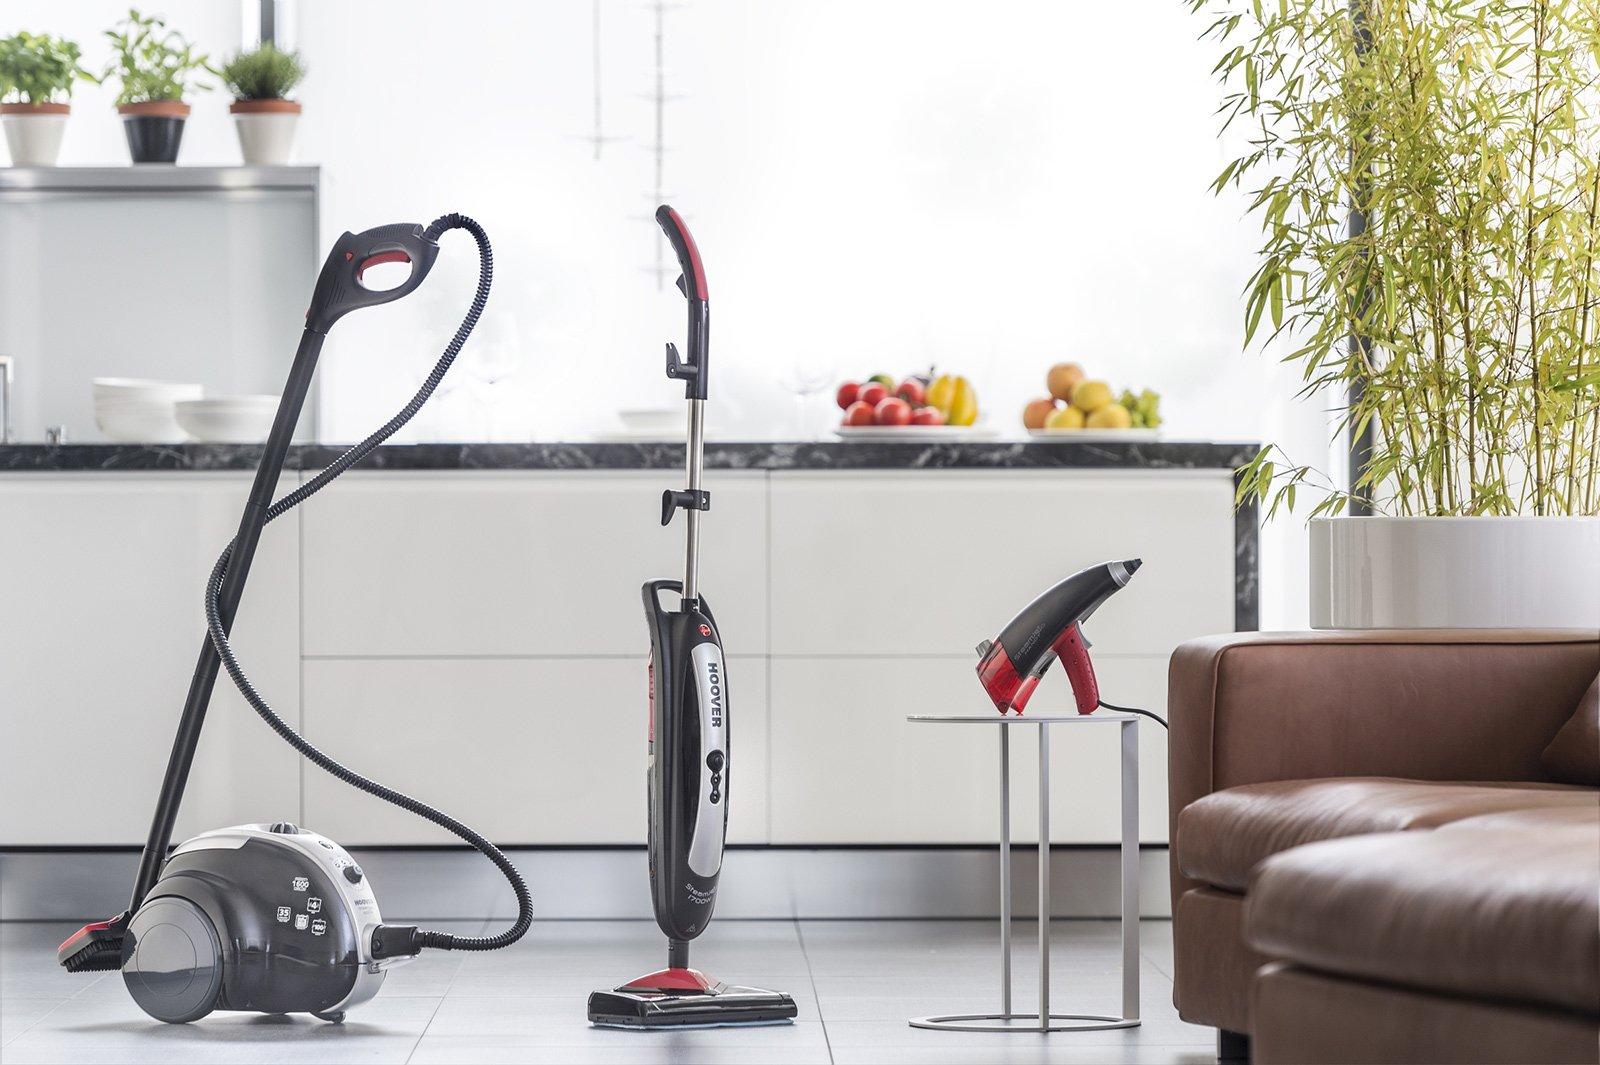 Pulitori a vapore igienici ed ecologici cose di casa - Hoover pulitore a vapore ...